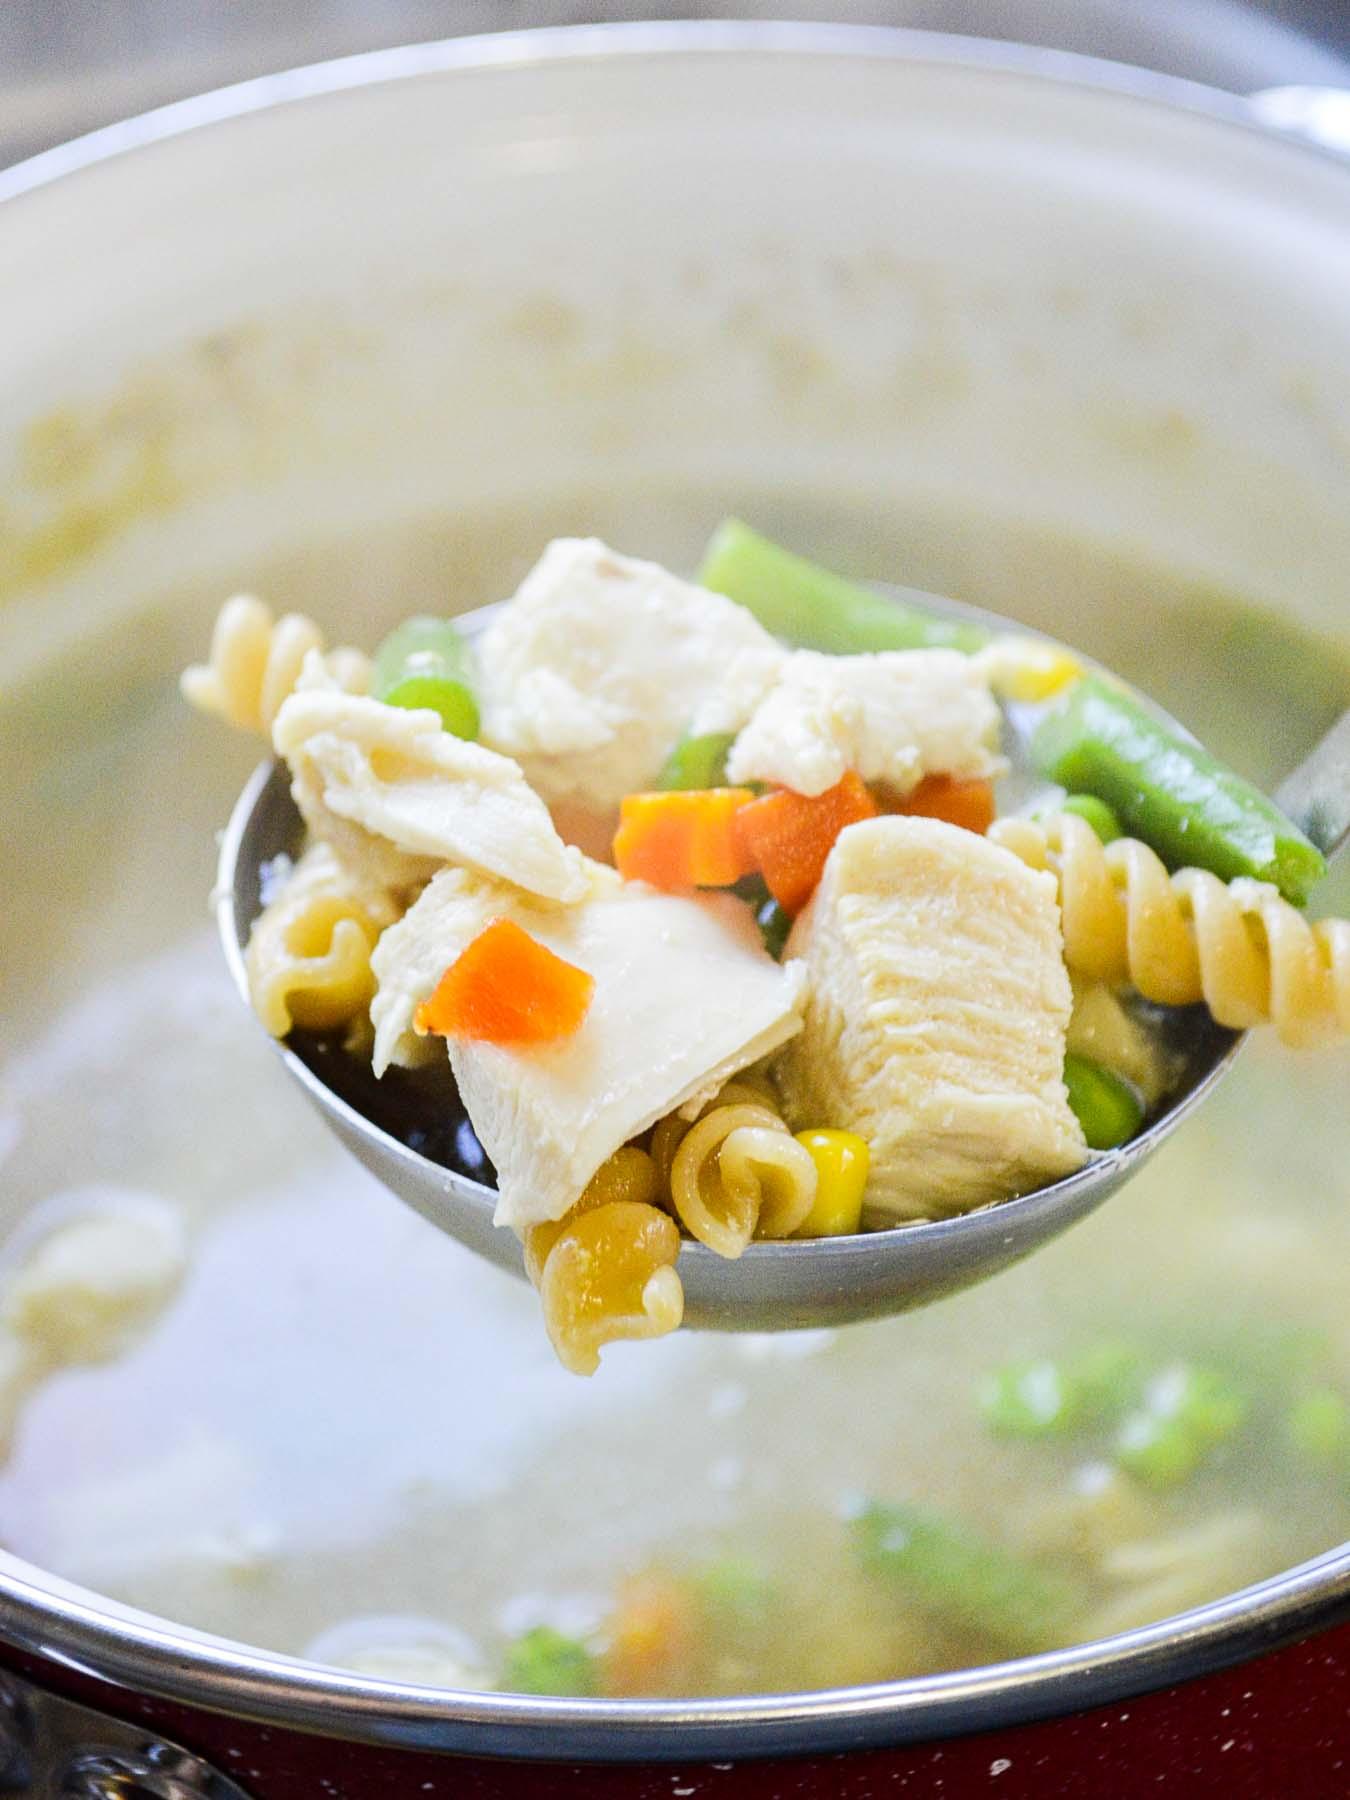 ladle of chicken noodle soup